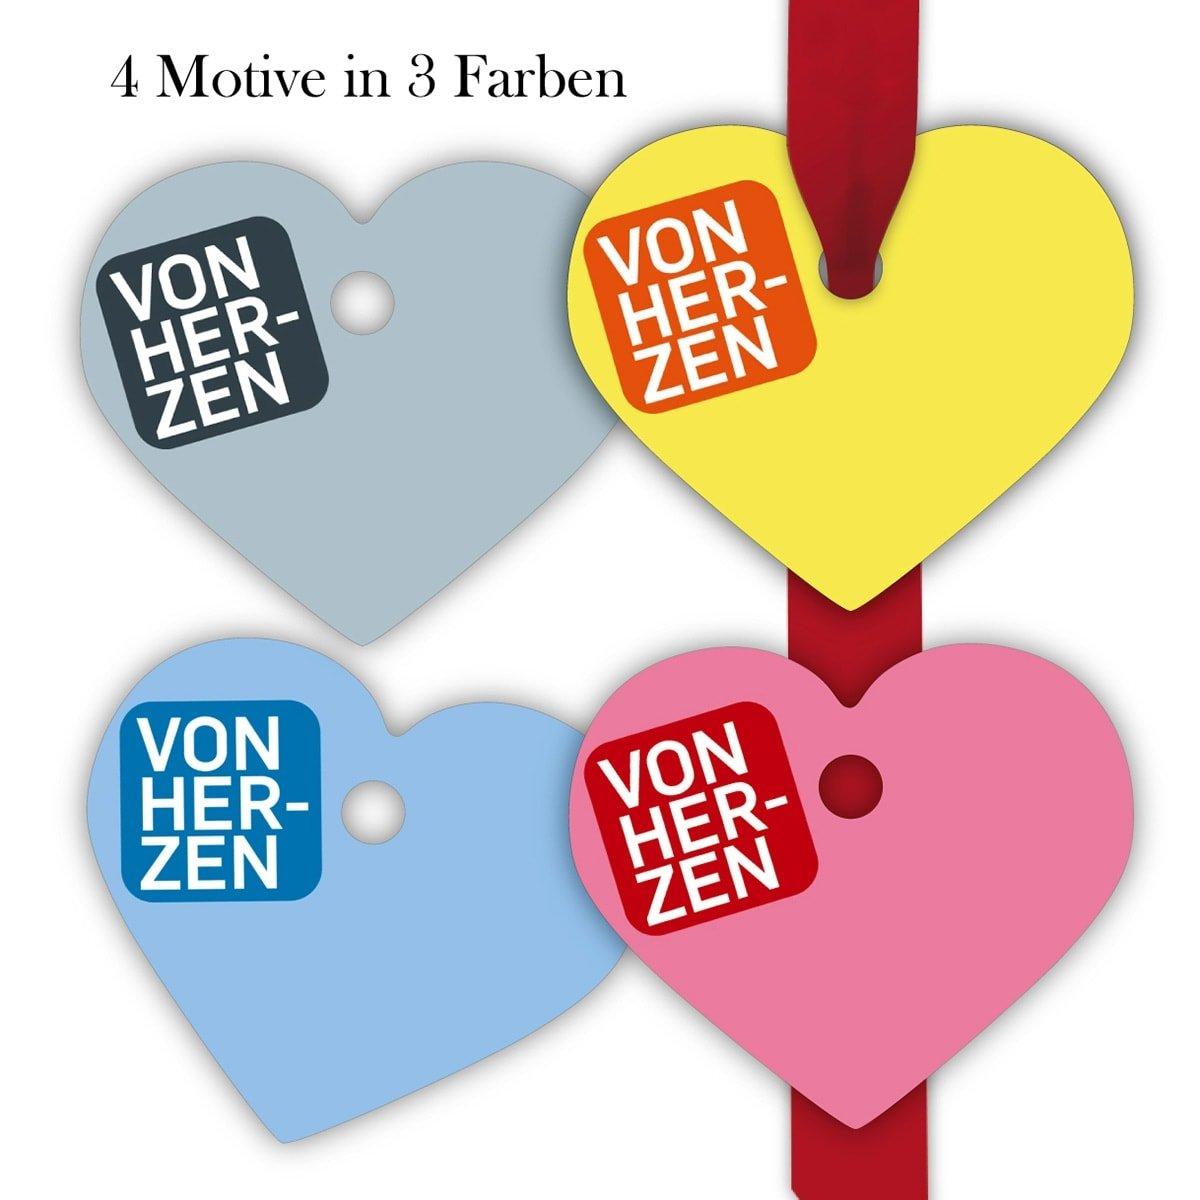 Kartenkaufrausch 10x12 farbige Geschenkanhänger | Geschenkkarten | Papieranhänger | Etiketten in Herz form 7 x 6cm : Von Herzen